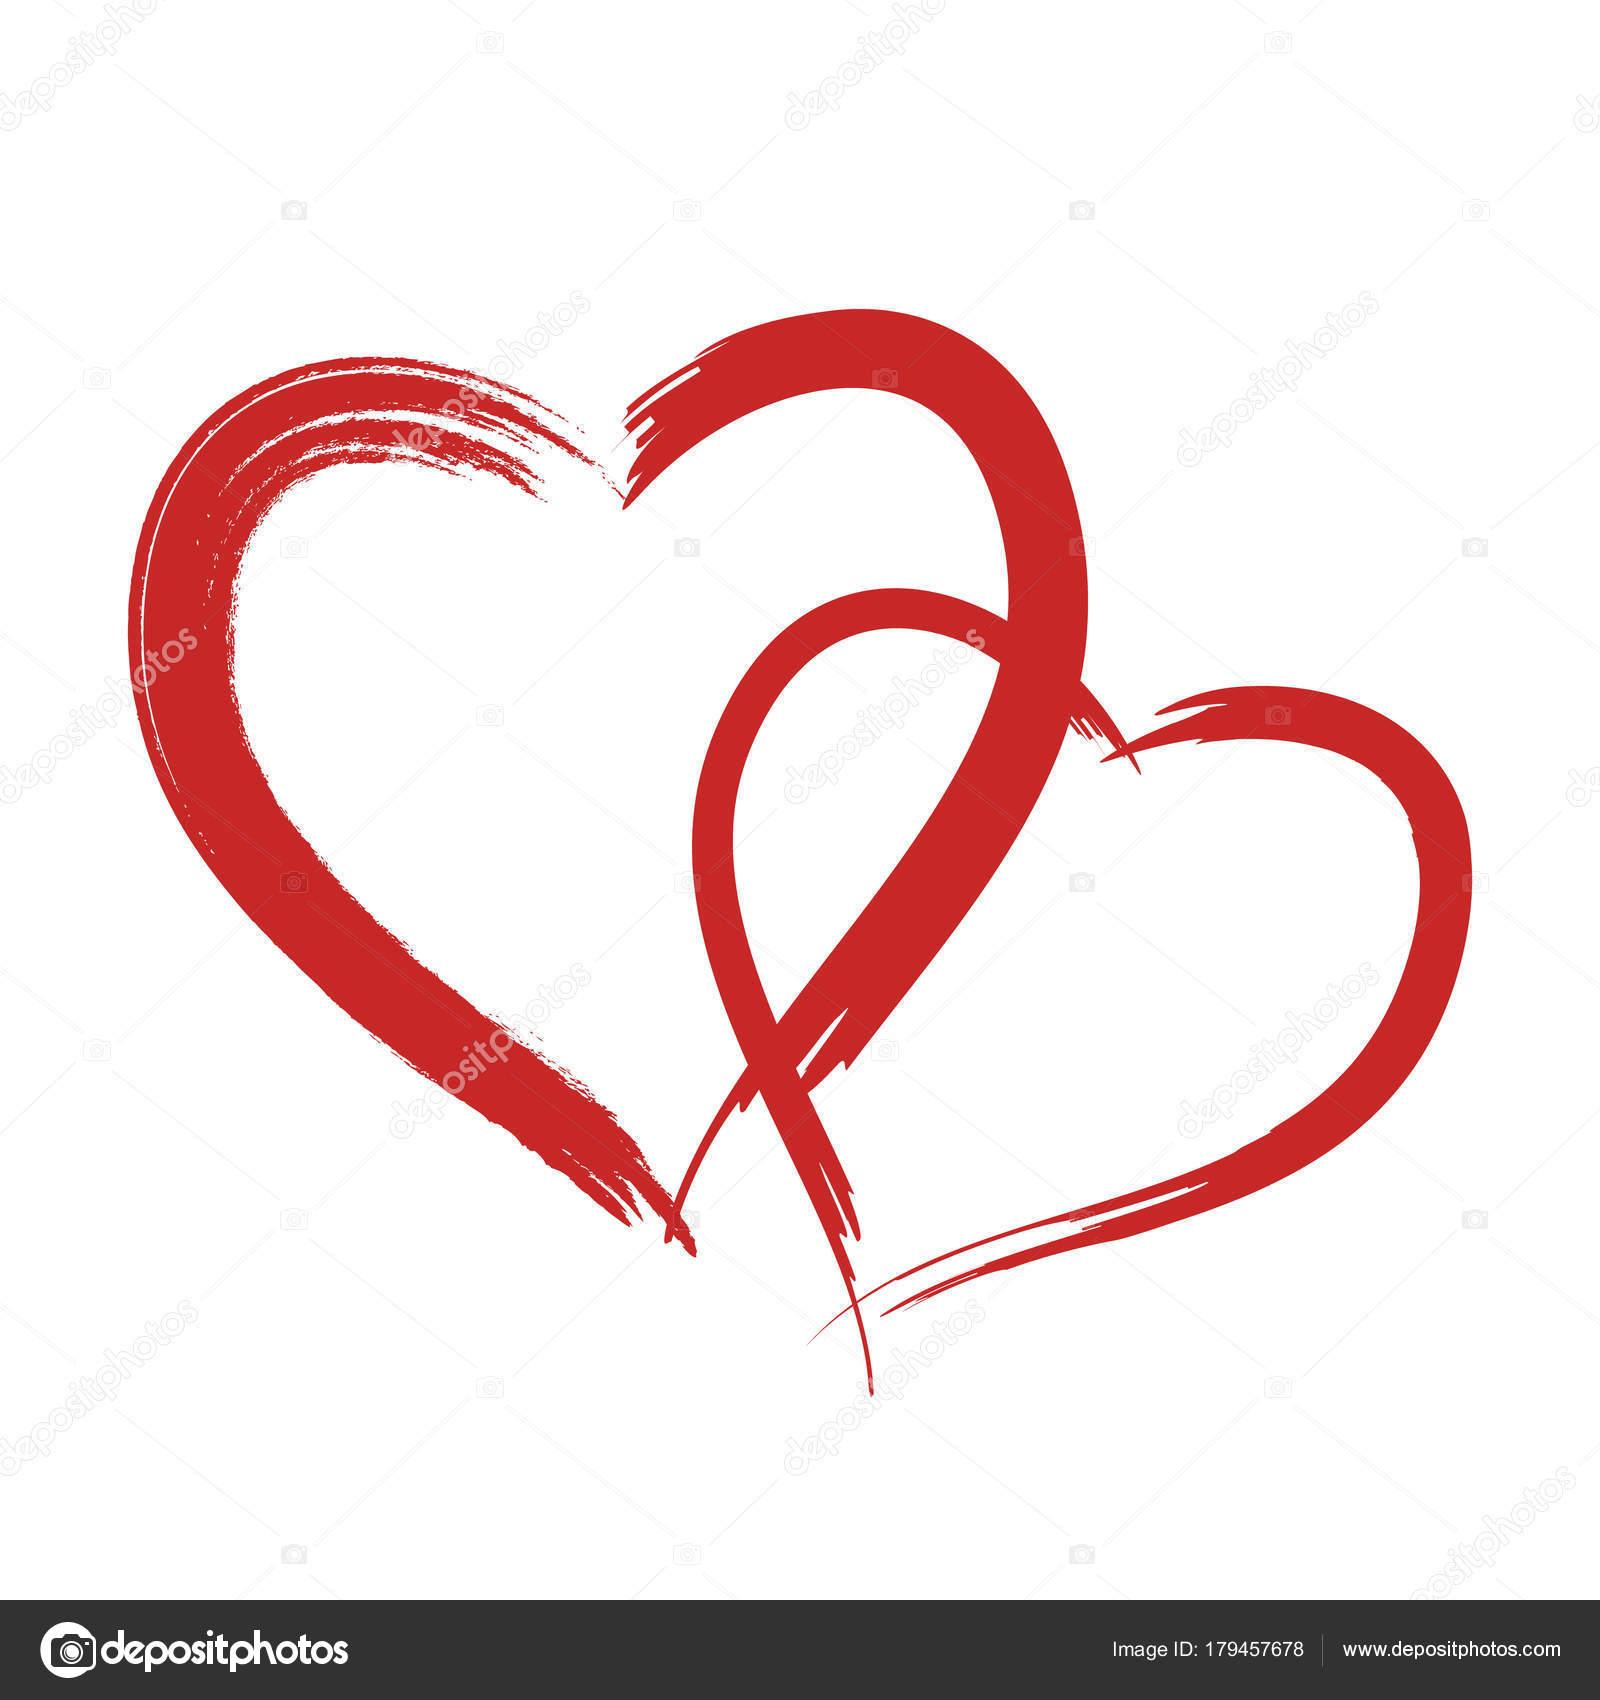 heart shape design for